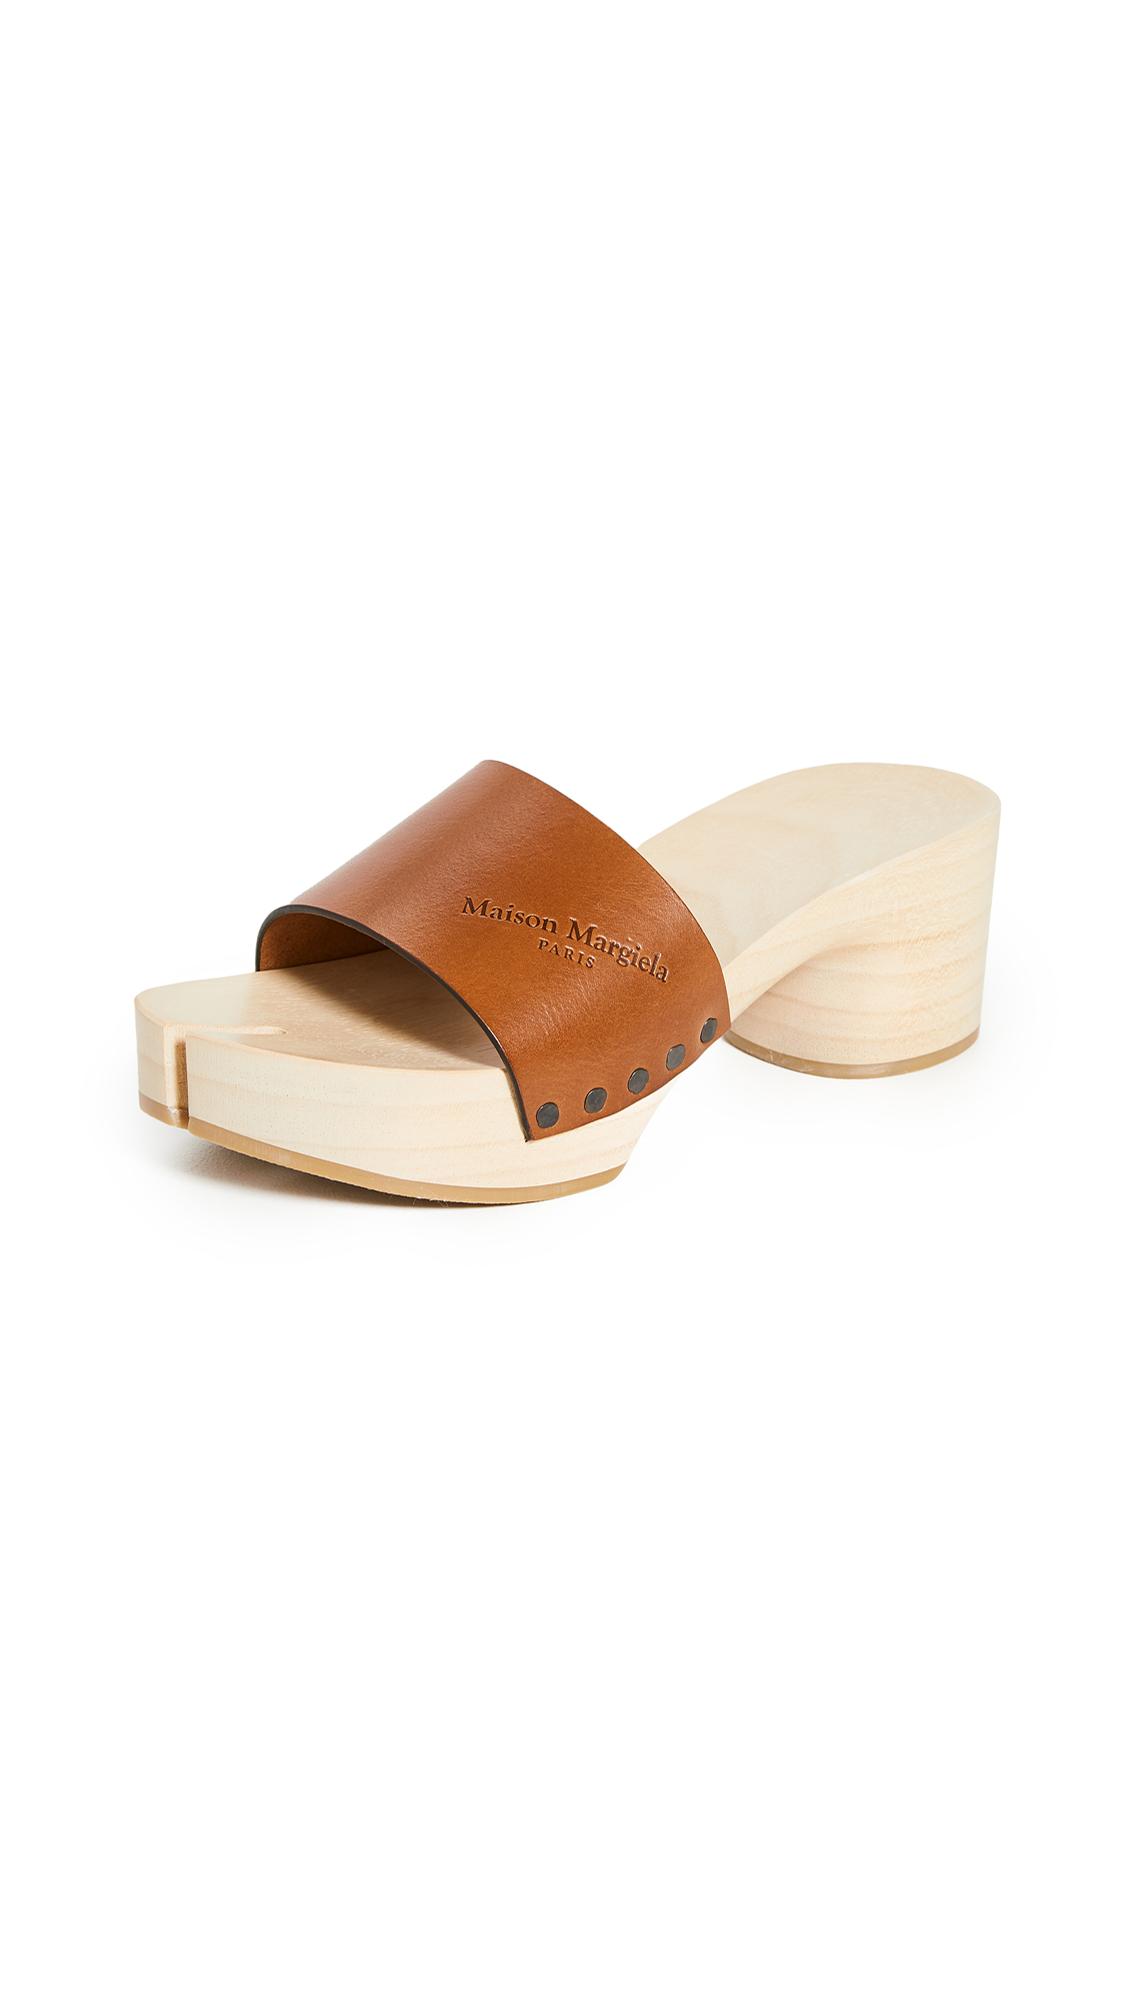 Maison Margiela Wooden Clog Sandals - 60% Off Sale